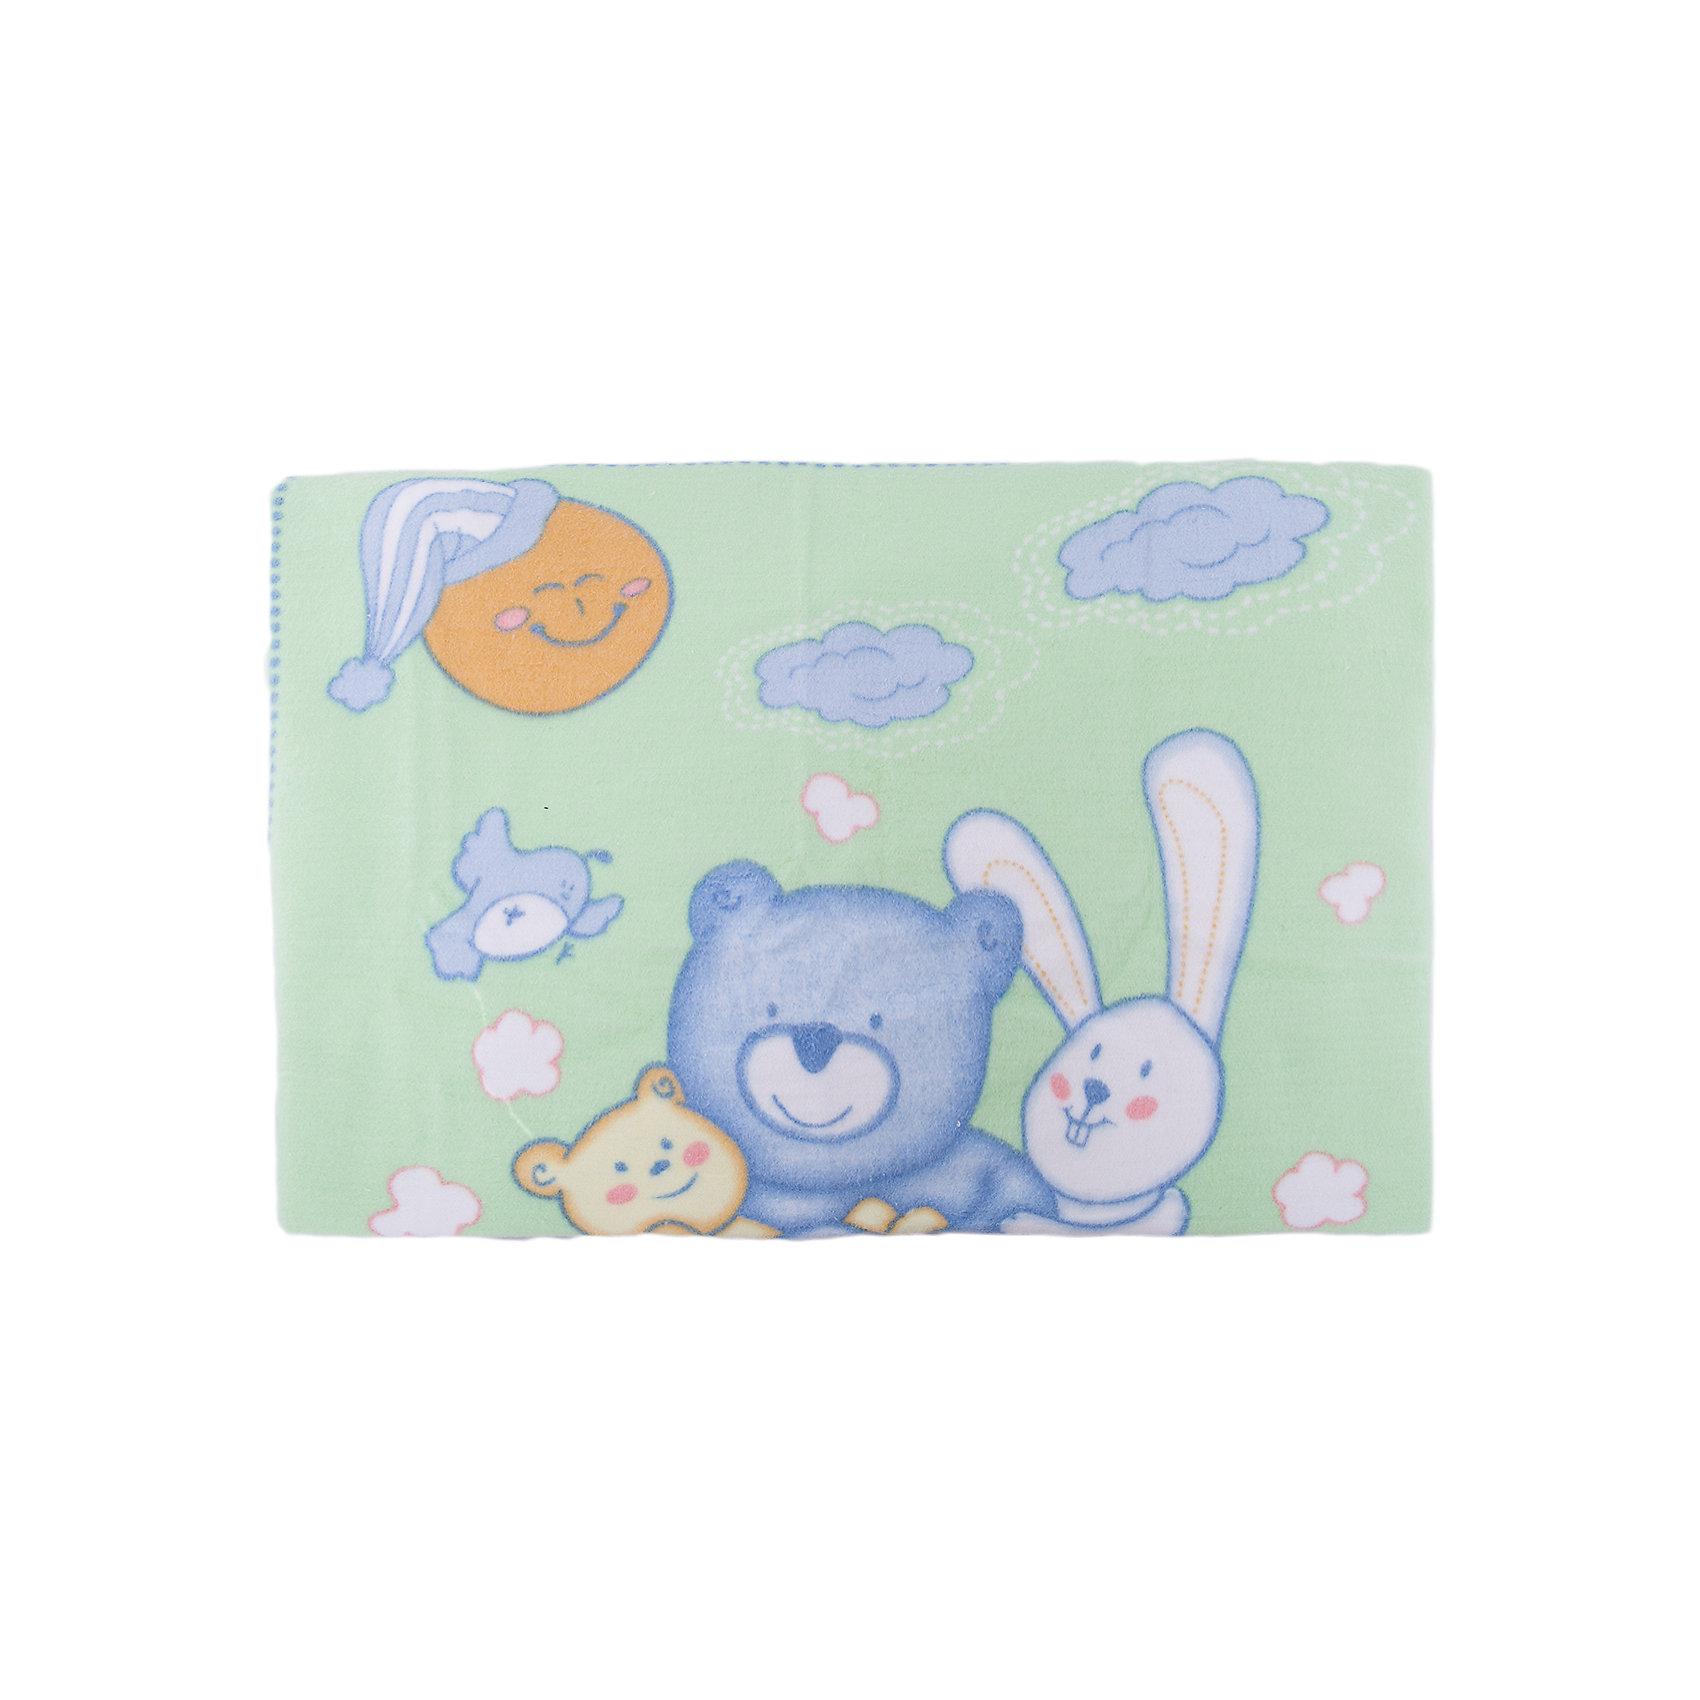 Одеяло байковое Мишка на лужайке, 100х118 2-сторон., Baby Nice, бежевыйПредметы, находящиеся в детской кроватке, должны быть качественными и безопасными. Это одеяло разработано специально для малышей, оно обеспечивает комфорт на всю ночь. Одеяло украшено симпатичным принтом.<br>Одеяло сшито из натурального дышащего хлопка, приятного на ощупь. Он не вызывает аллергии, что особенно важно для малышей. Оно обеспечит хорошую терморегуляцию, впитает лишнюю влагу, а значит - крепкий сон. Одеяло сделано из высококачественных материалов, безопасных для ребенка.<br><br>Дополнительная информация:<br><br>цвет: бежевый;<br>материал: хлопок;<br>принт;<br>двустороннее;<br>размер: 100 х 118 см.<br><br>Одеяло байковое Мишка на лужайке, 100х118 2-сторон. от компании Baby Nice можно купить в нашем магазине.<br><br>Ширина мм: 230<br>Глубина мм: 250<br>Высота мм: 40<br>Вес г: 500<br>Возраст от месяцев: 0<br>Возраст до месяцев: 36<br>Пол: Унисекс<br>Возраст: Детский<br>SKU: 4941758